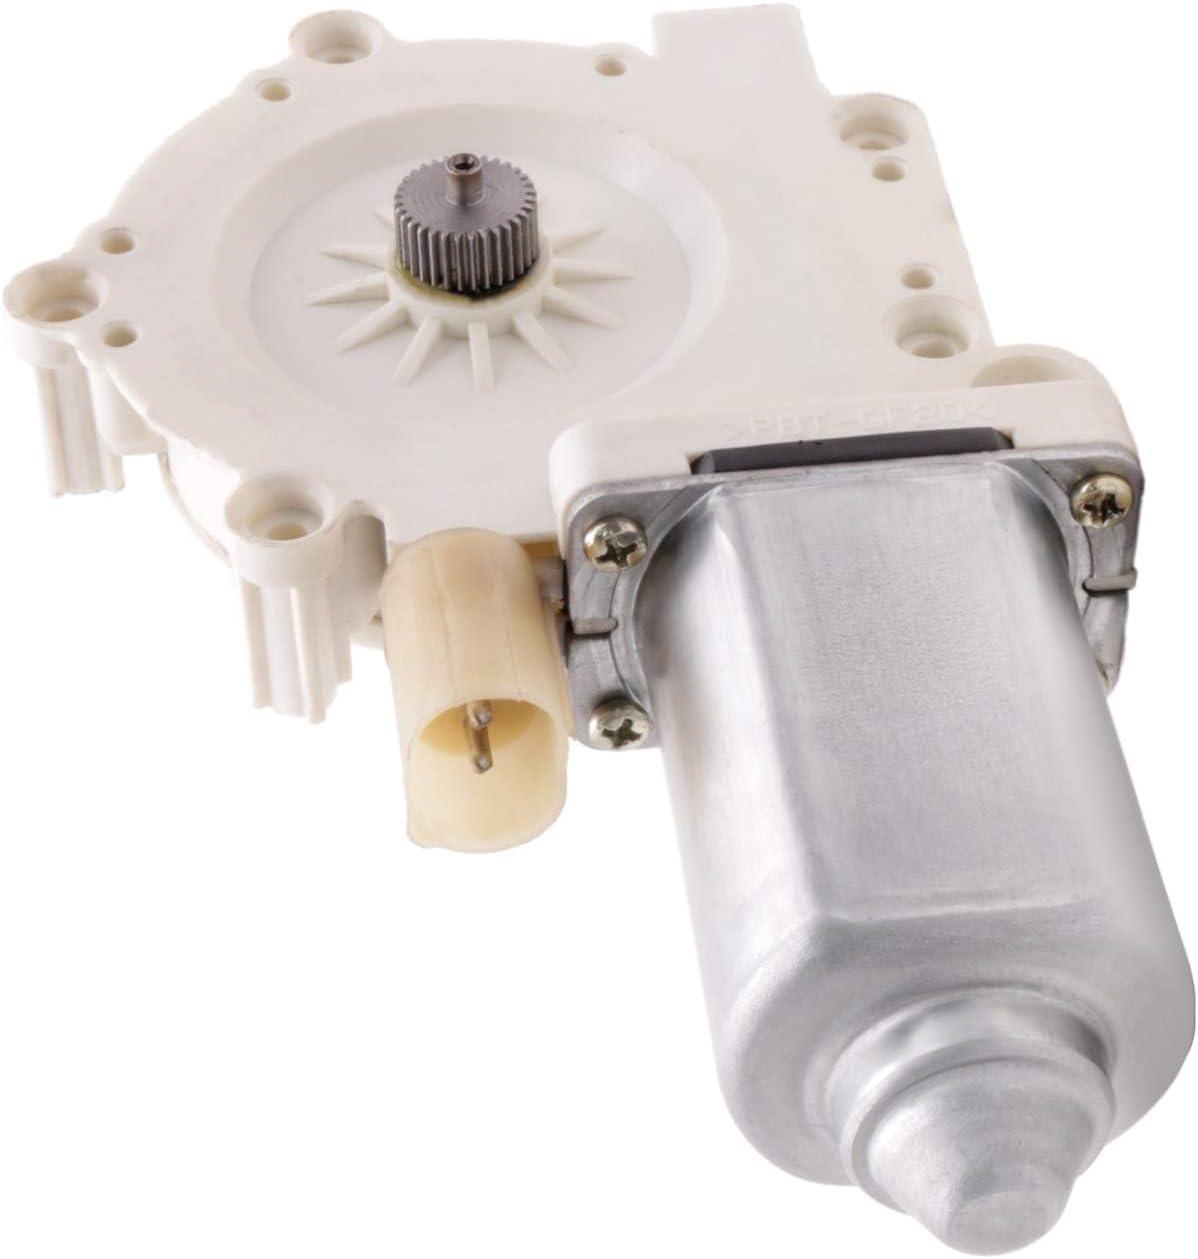 Fensterheber Motor Links Vorne Für Mini R50 R53 2001 06 2006 09 67626955876 Rich Car Baumarkt